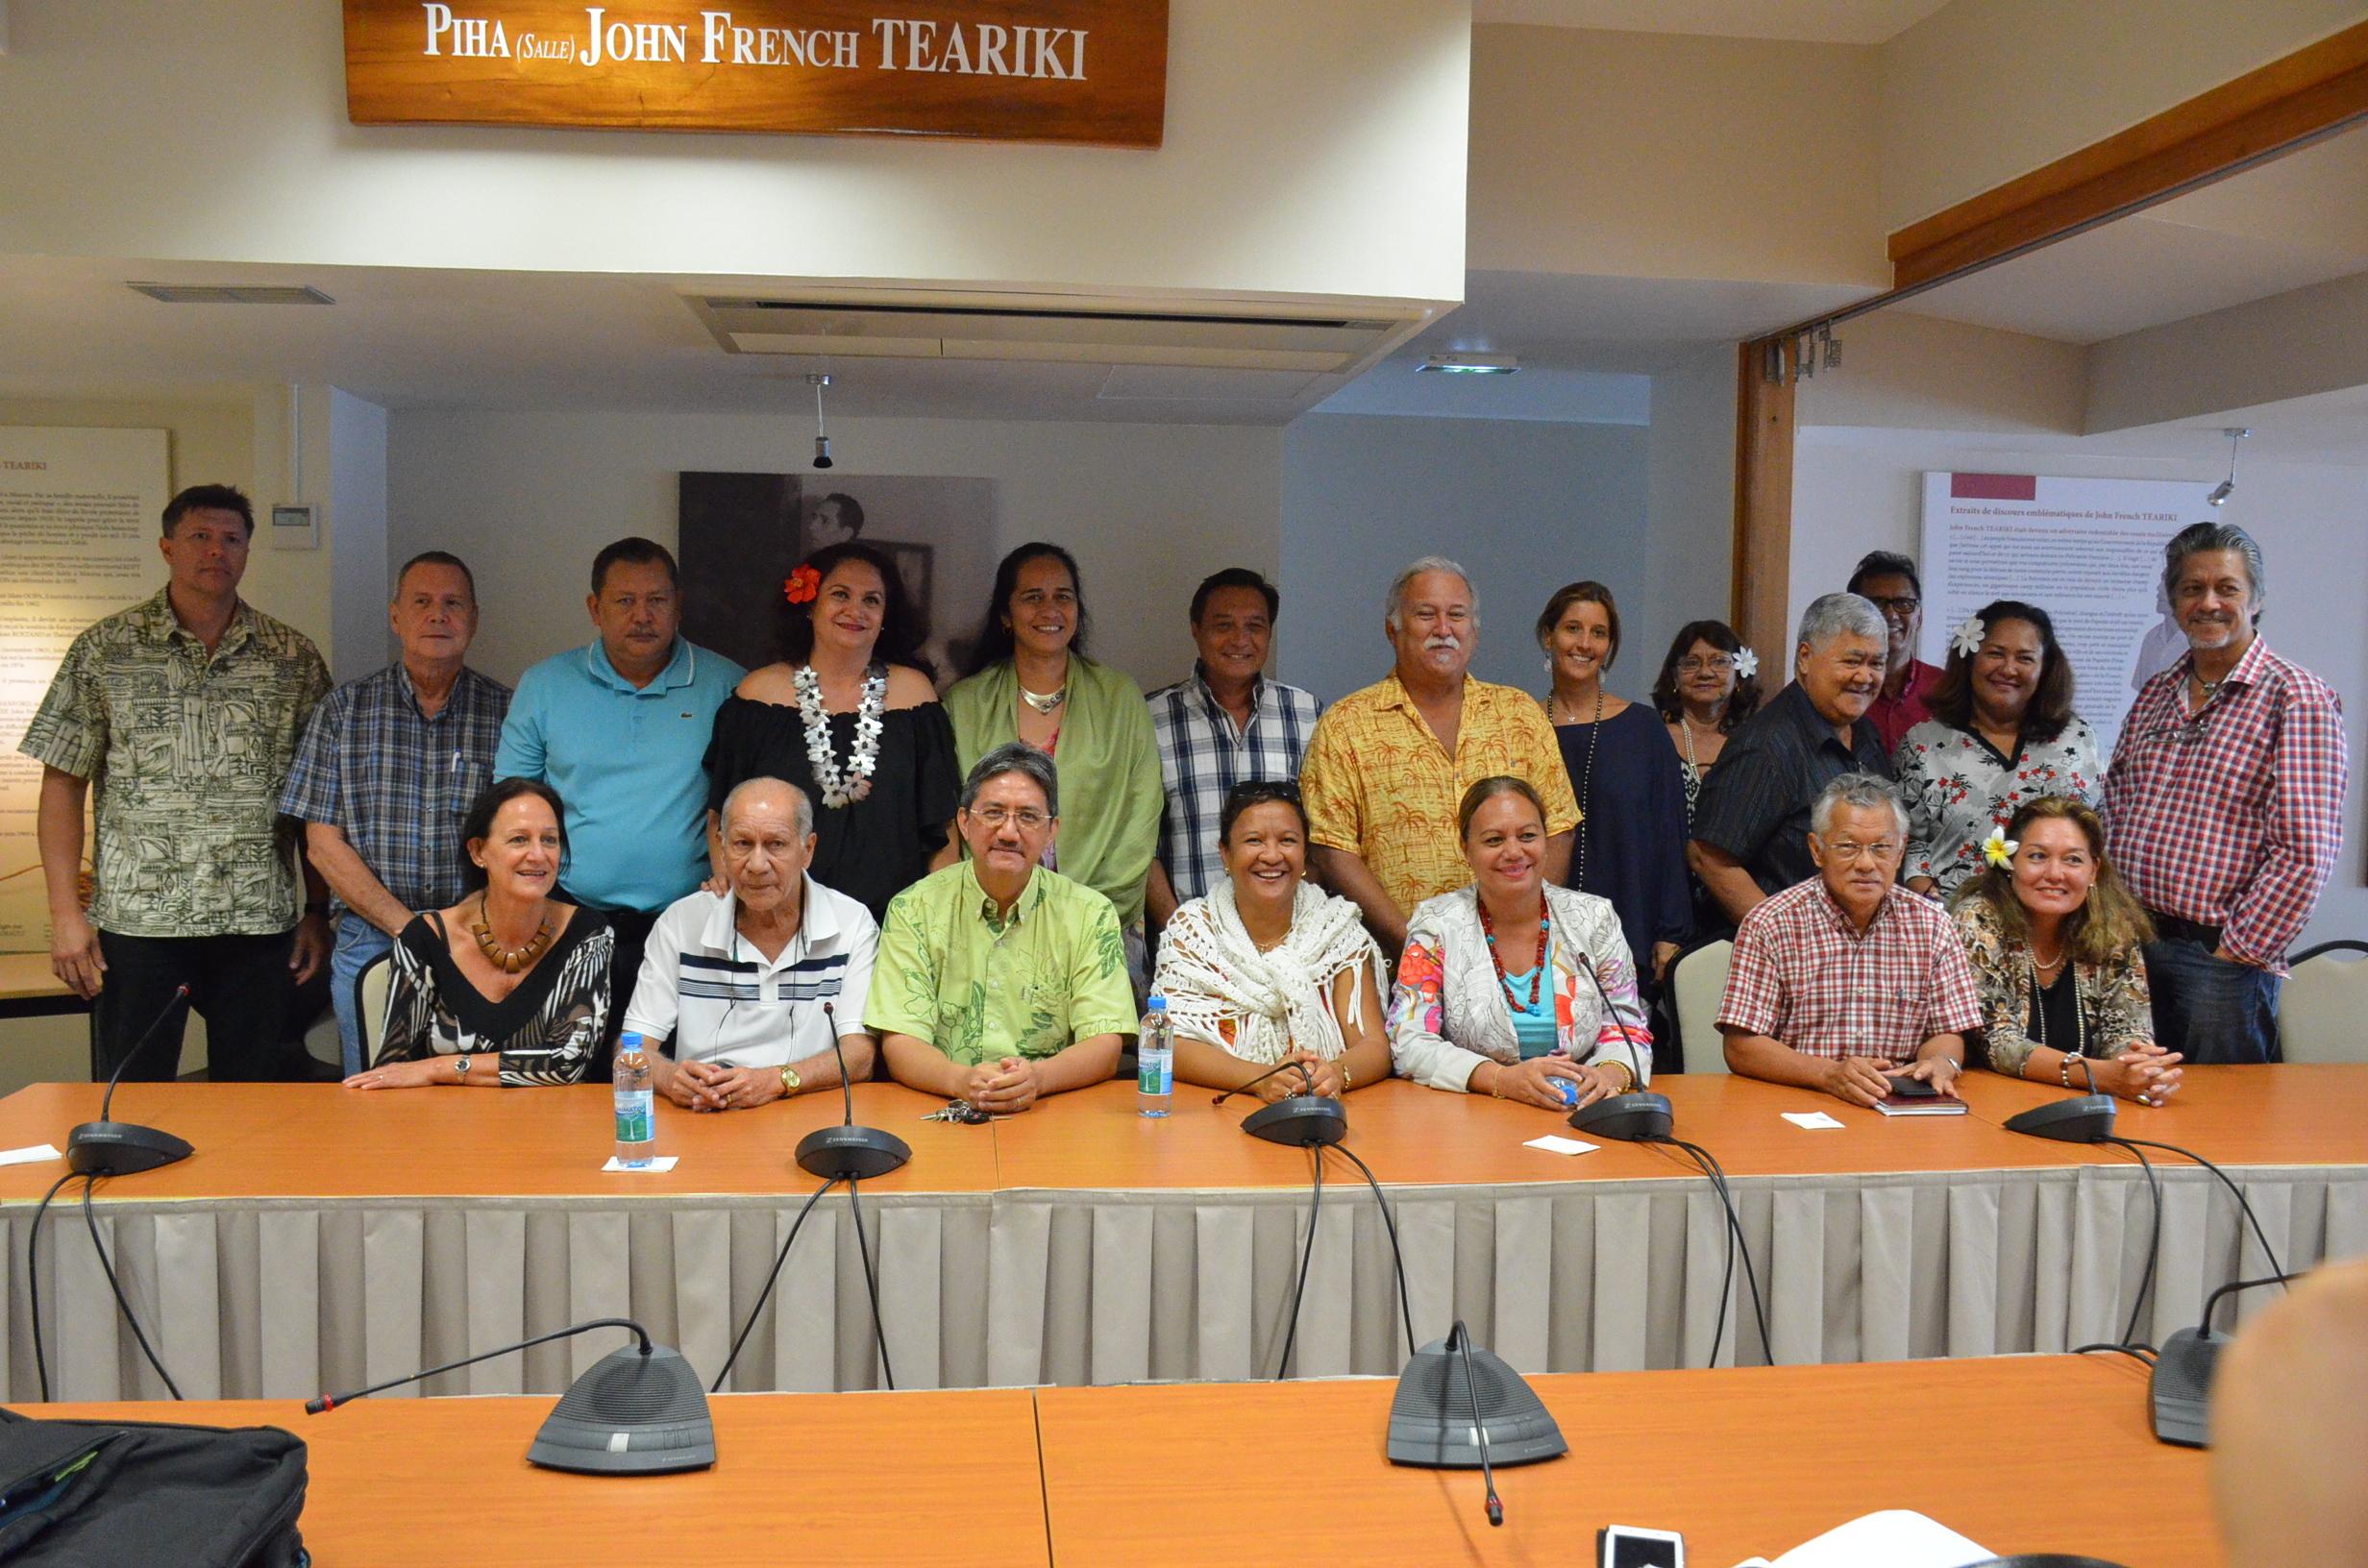 Le 2 septembre, les 24 représentants Tapura et ATP avaient annoncé la création d'un nouveau parti politique pour soutenir Edouard Fritch.